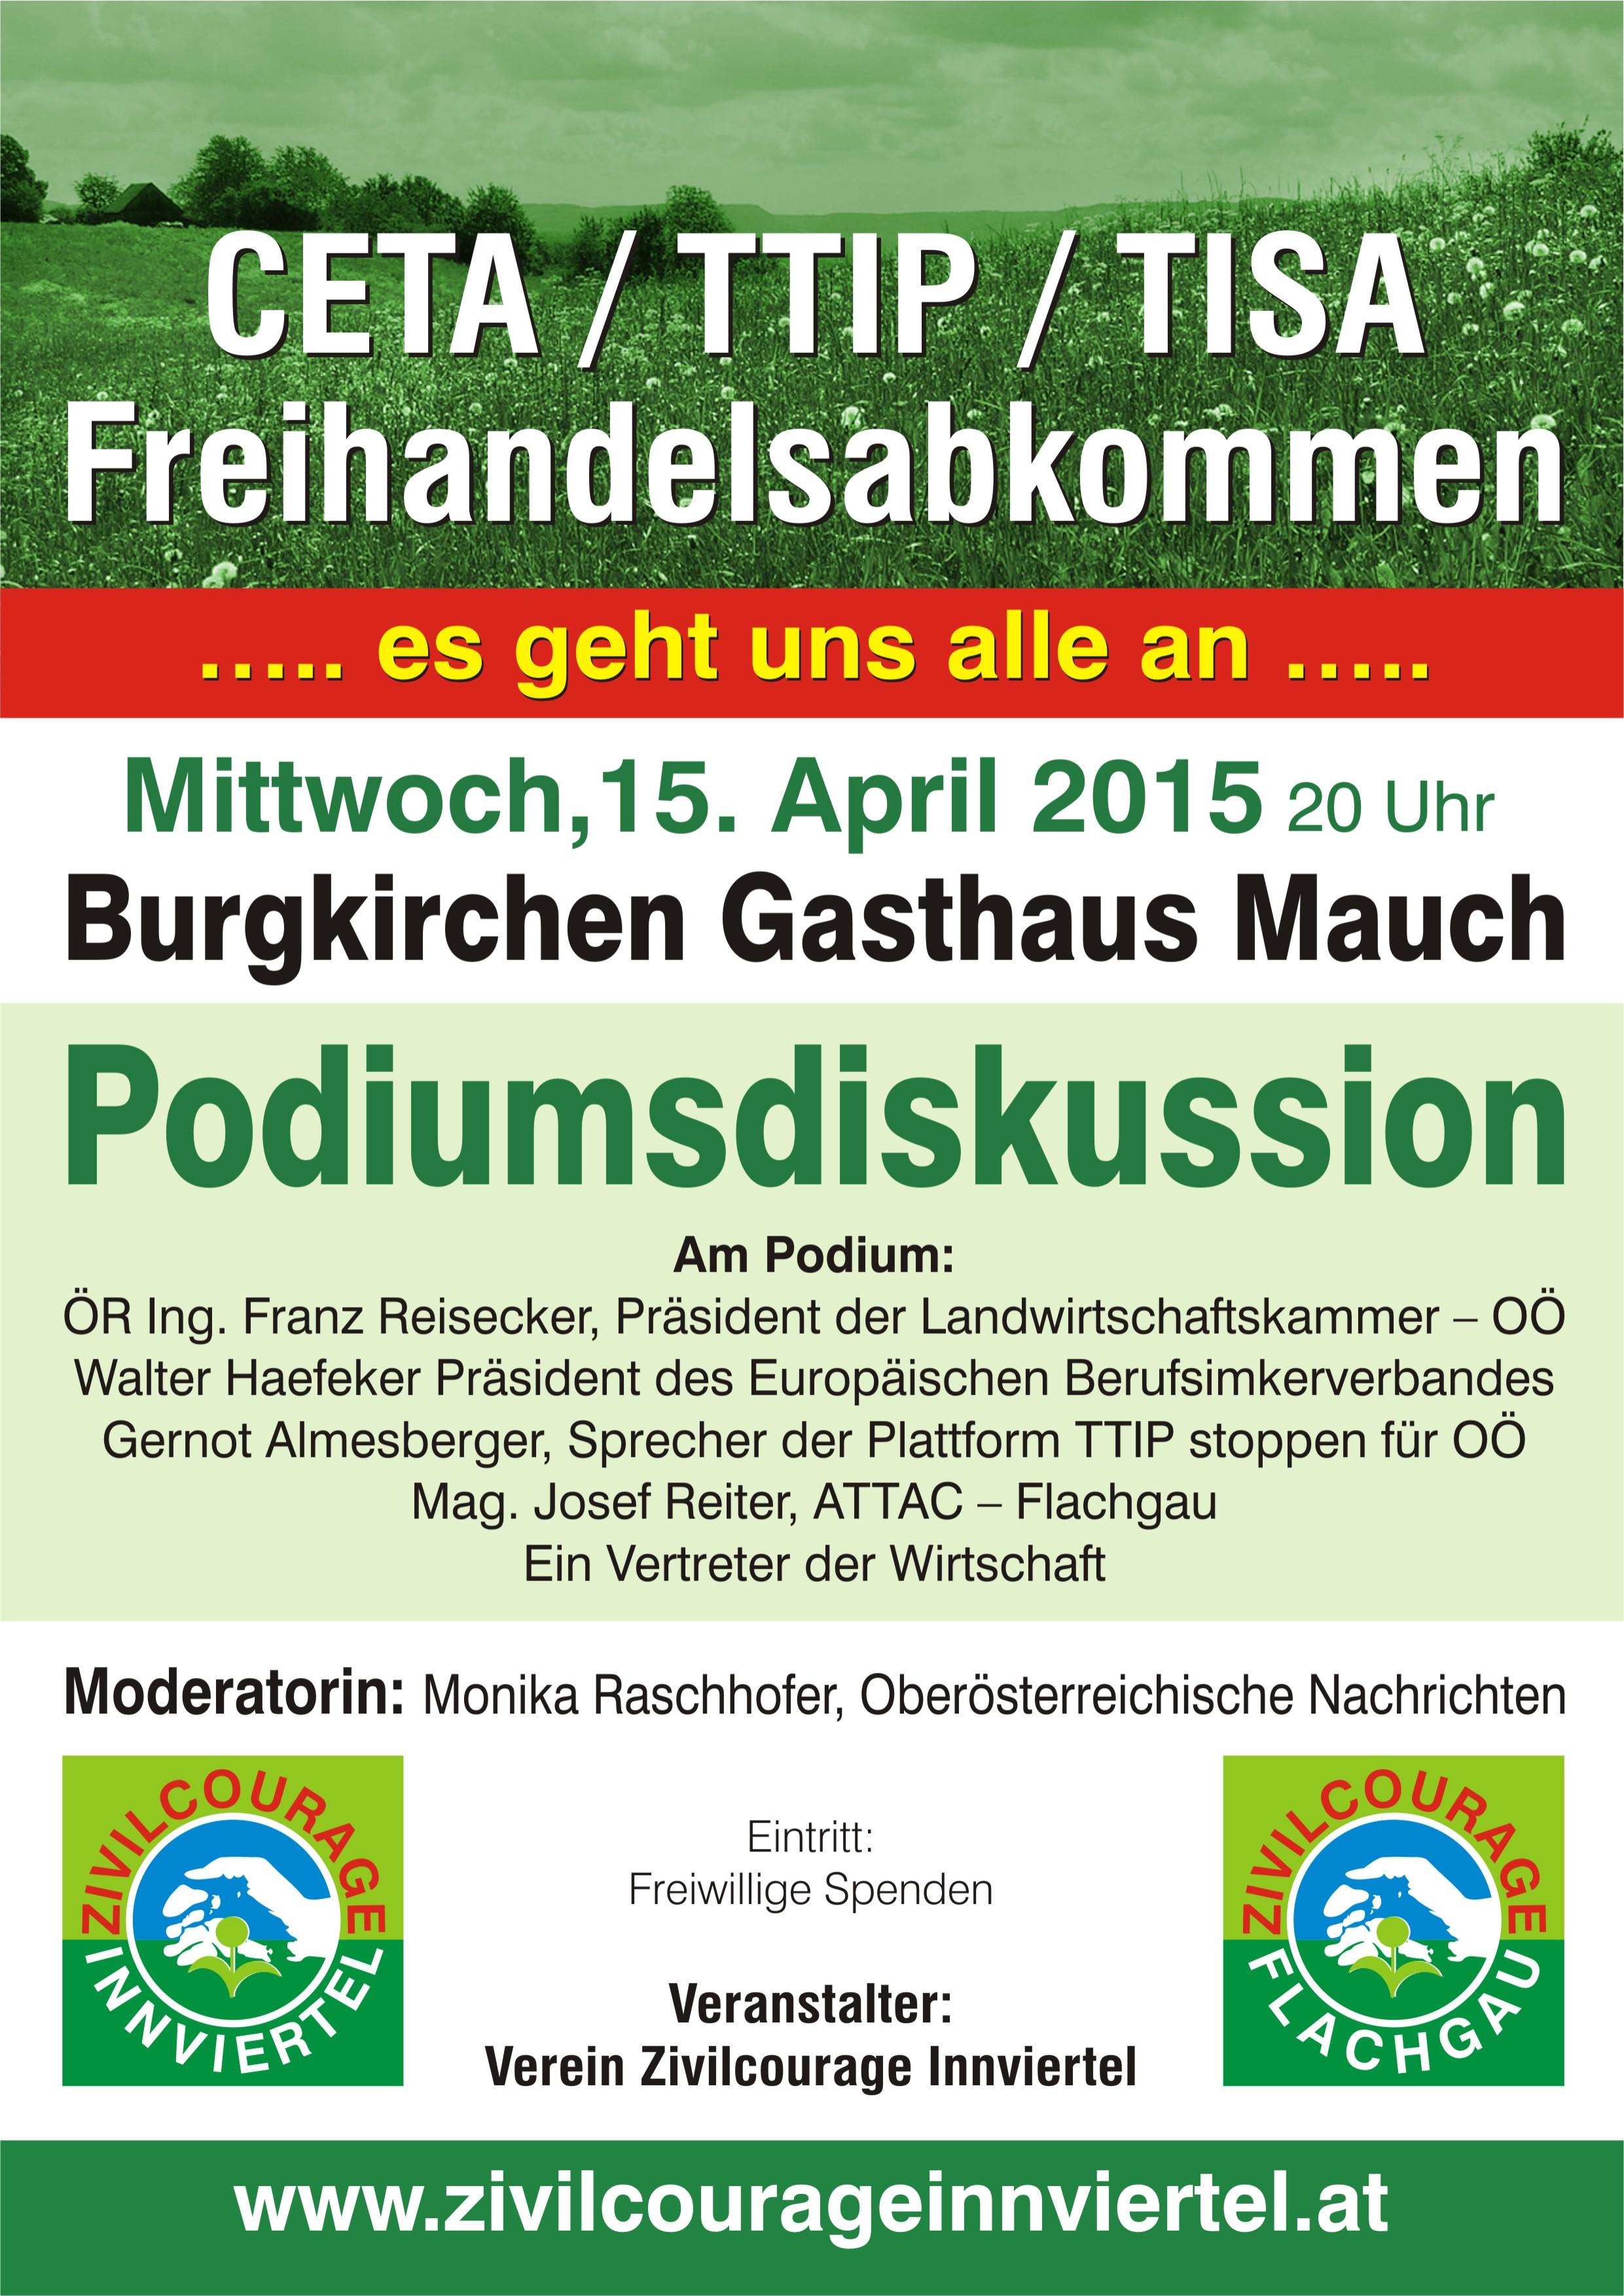 Burgkirchen Gasthof Mauch